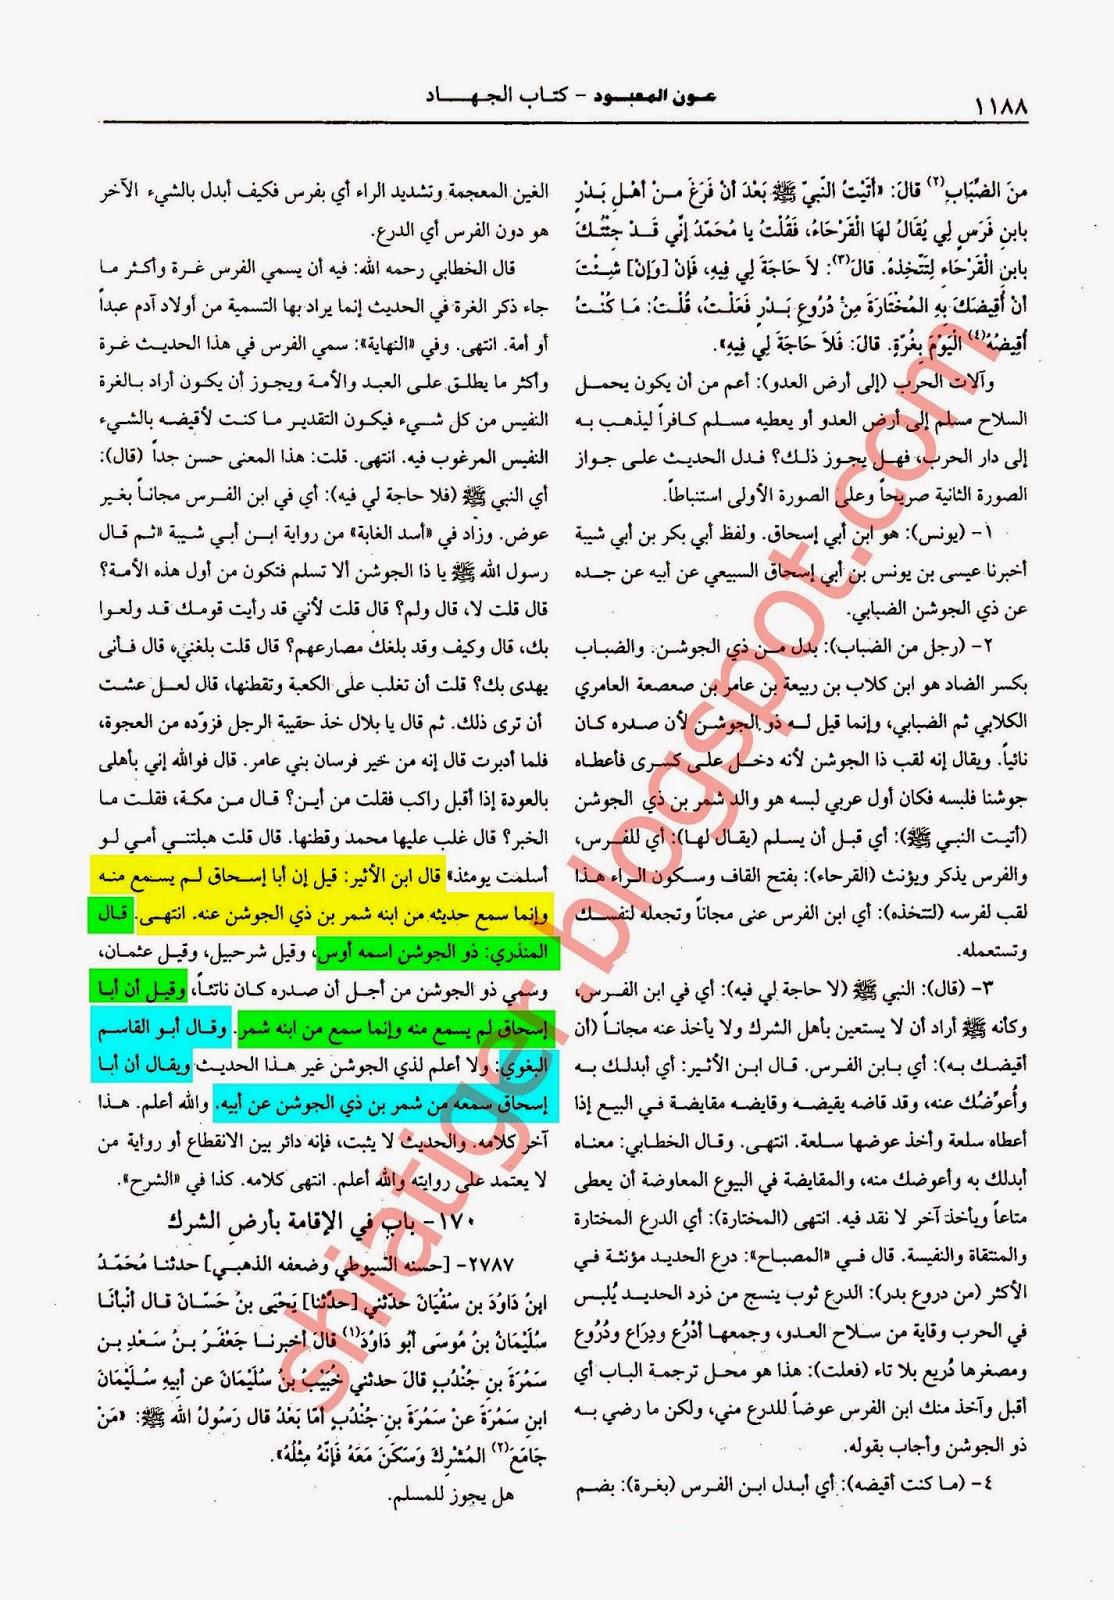 شمر ابن ذی الجوشن لعین کی سنی کتب حدیث میں روایات